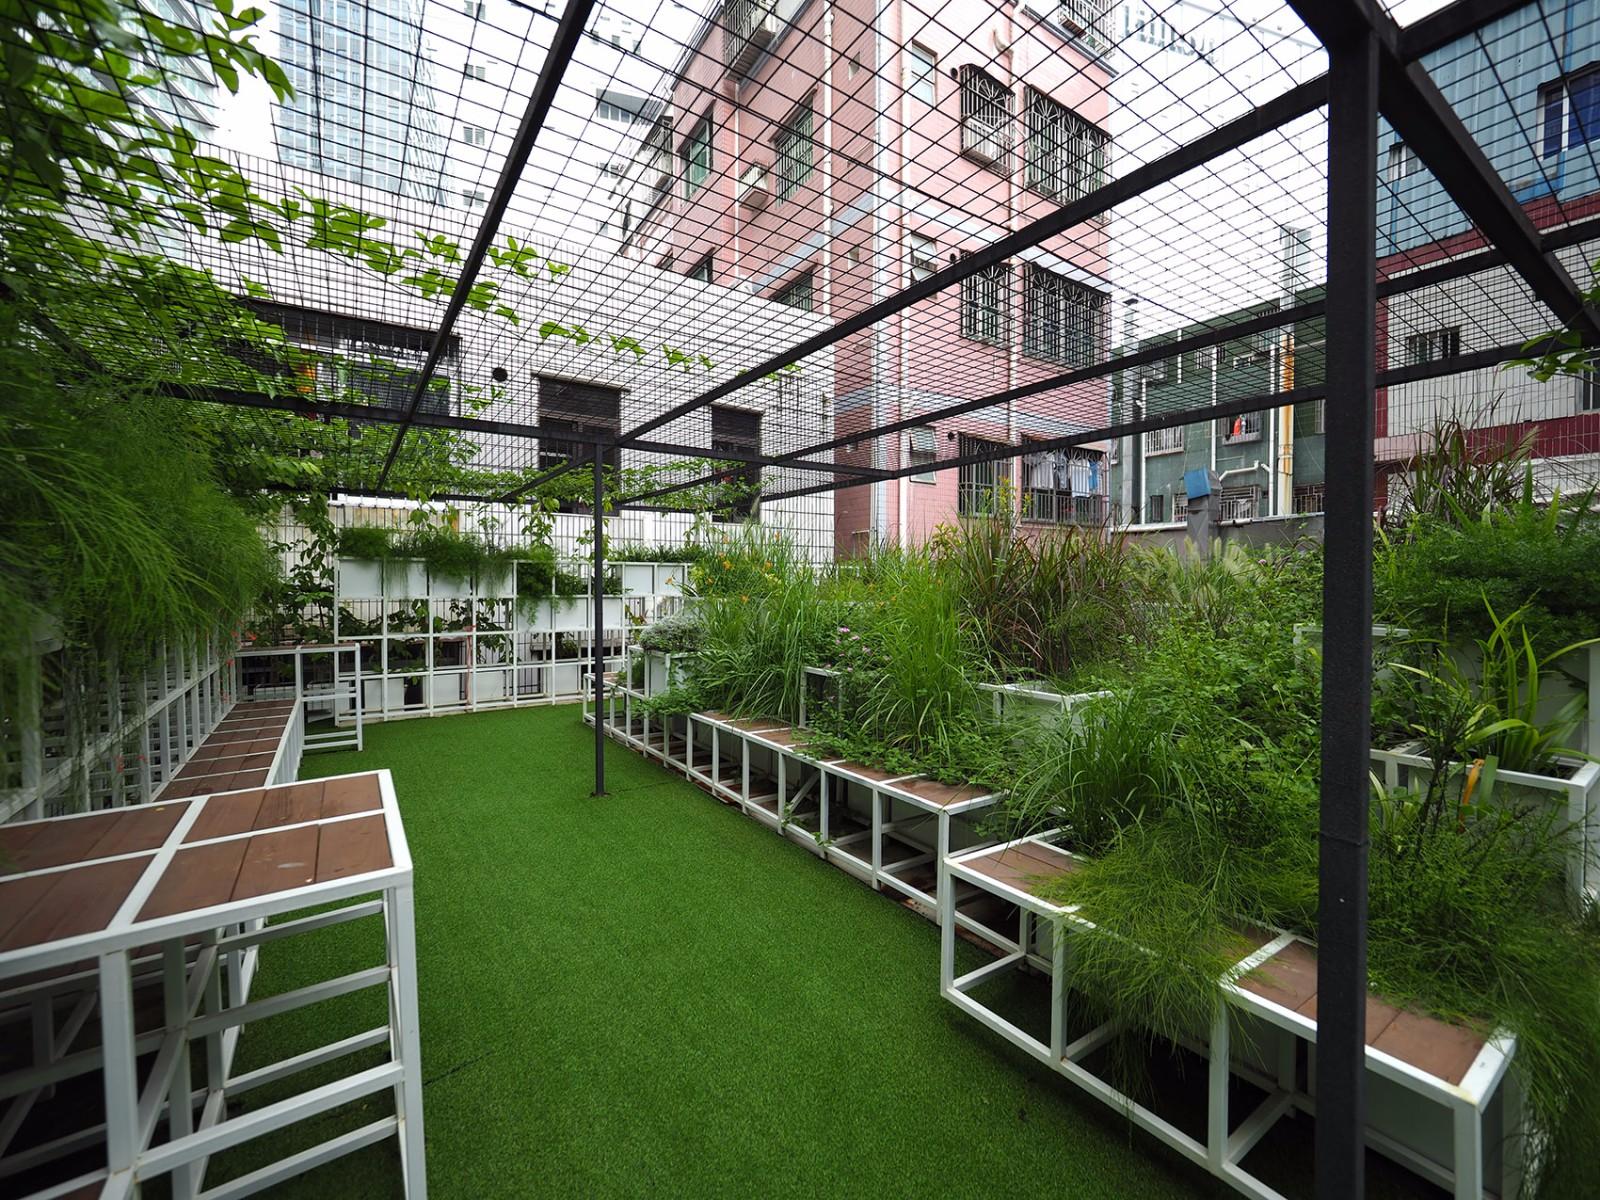 深圳城上绿云城中村屋顶花园景观设计/筑博设计